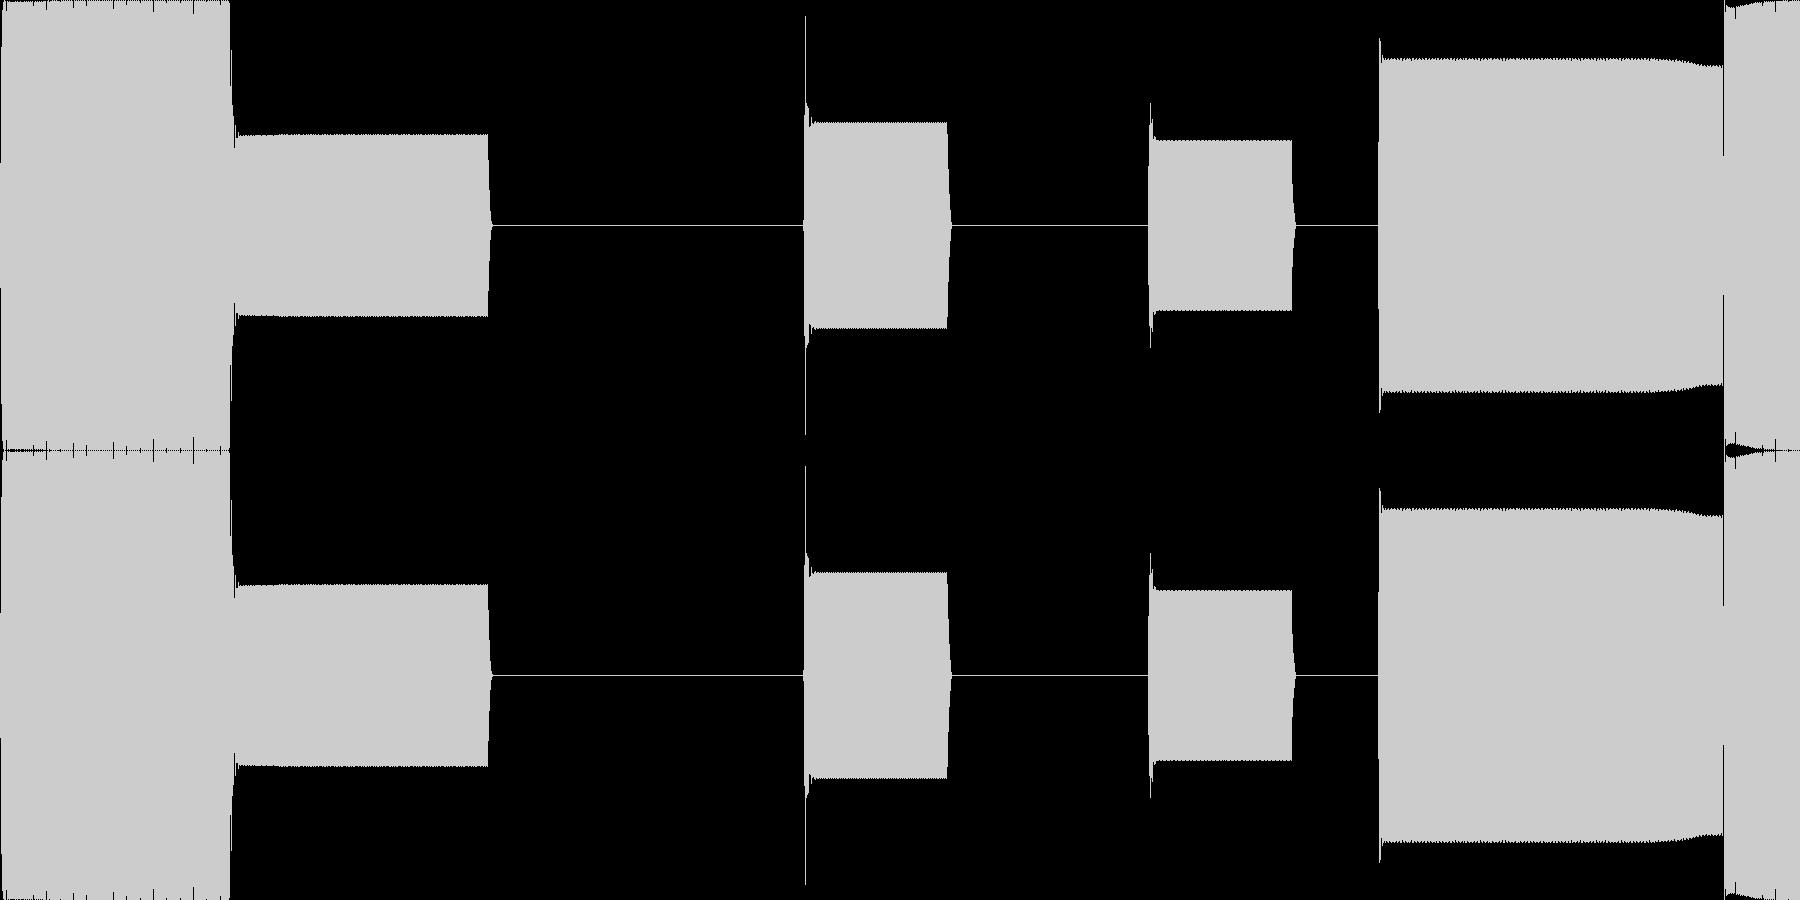 3 PTN 1 アラーム音(ループ仕様)の未再生の波形